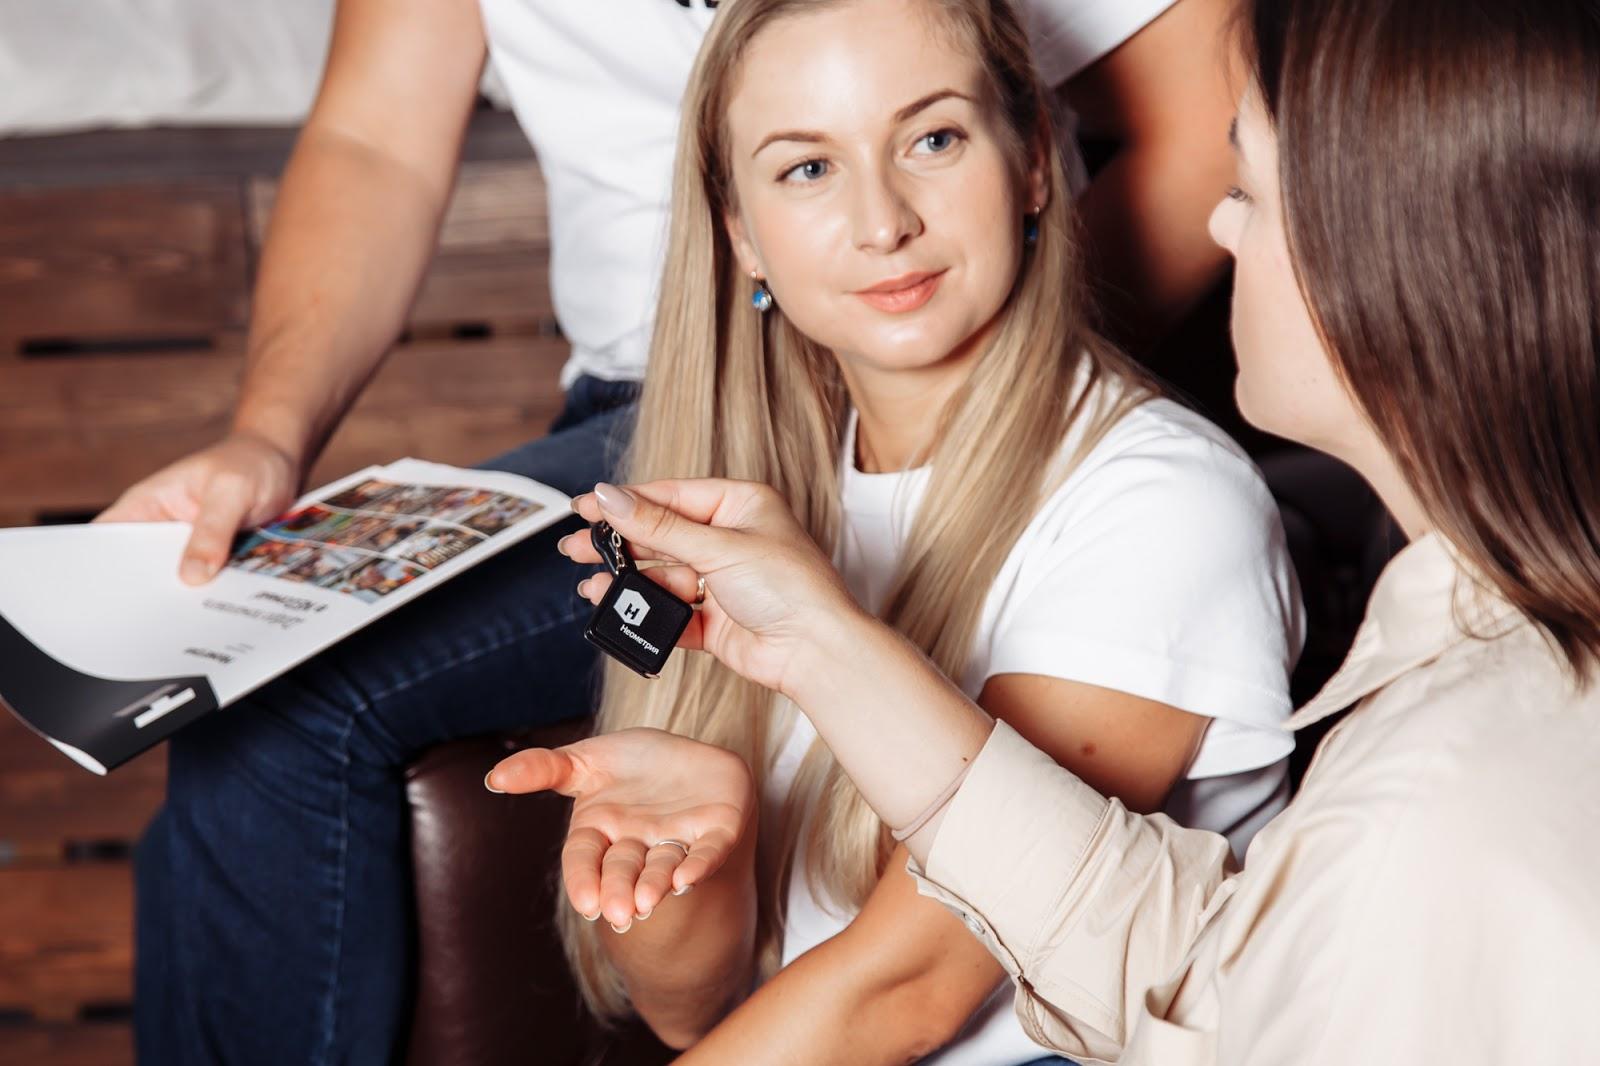 «Неометрия» запустила трейд-ин в Ростове: теперь можно поменятьстарую квартиру на новую